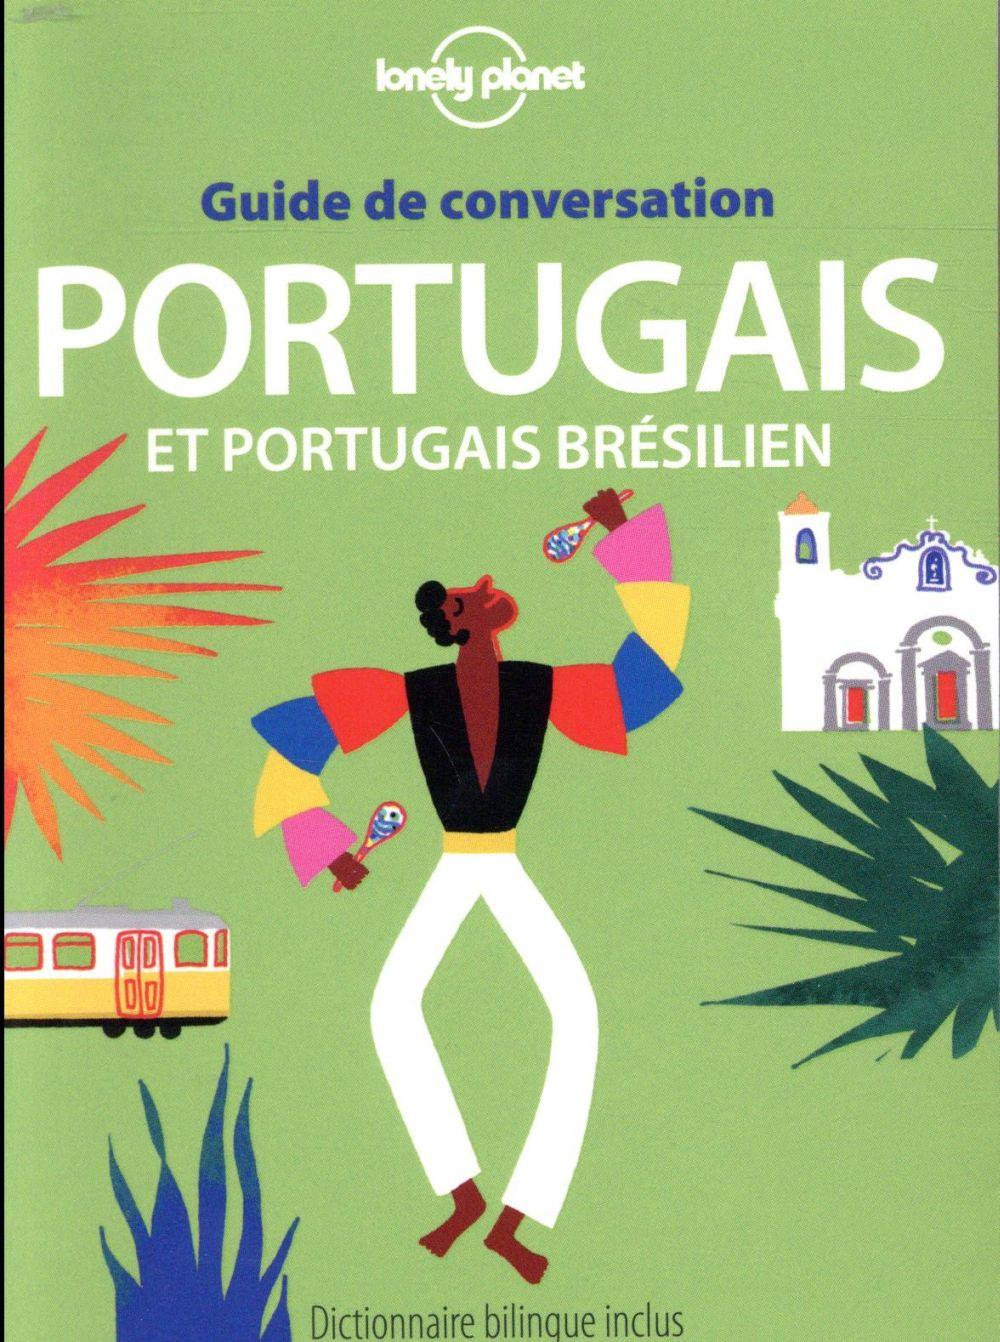 GUIDE DE CONVERSATION PORTUGAIS 8ED  LONELY PLANET